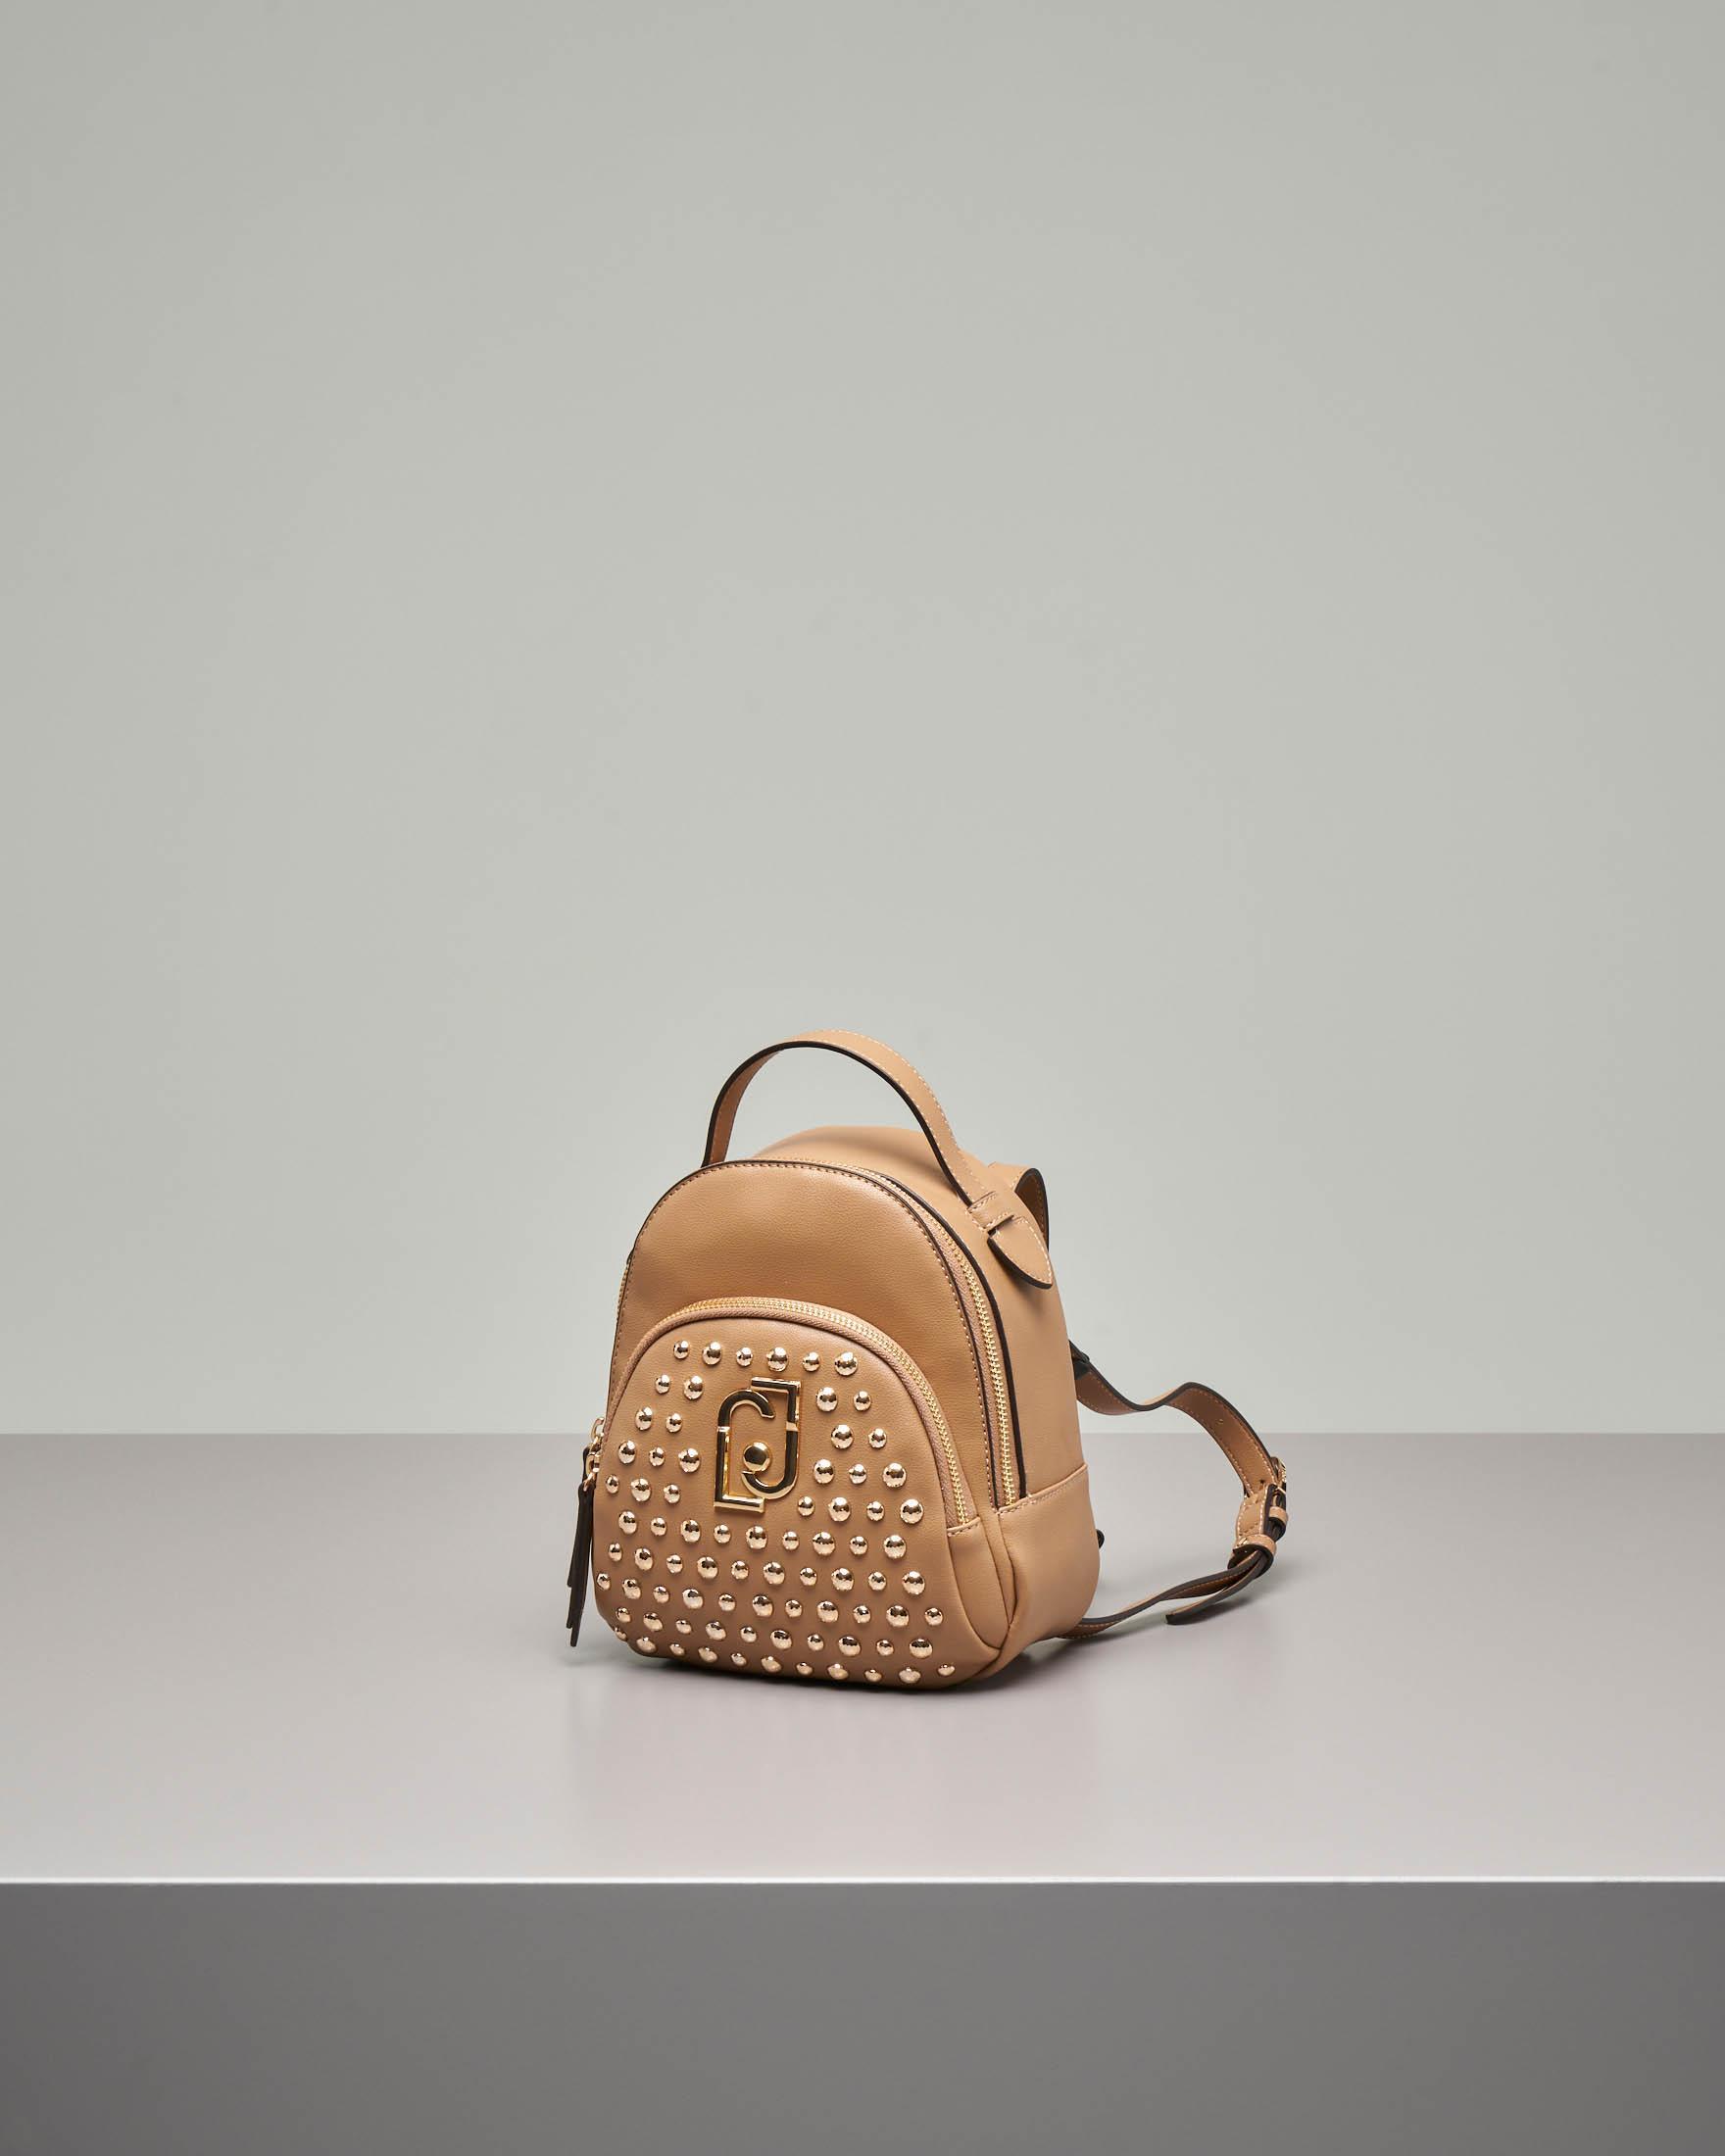 Zaino color cammello in ecopelle misura piccola con tasca con borchie tonde oro applicate